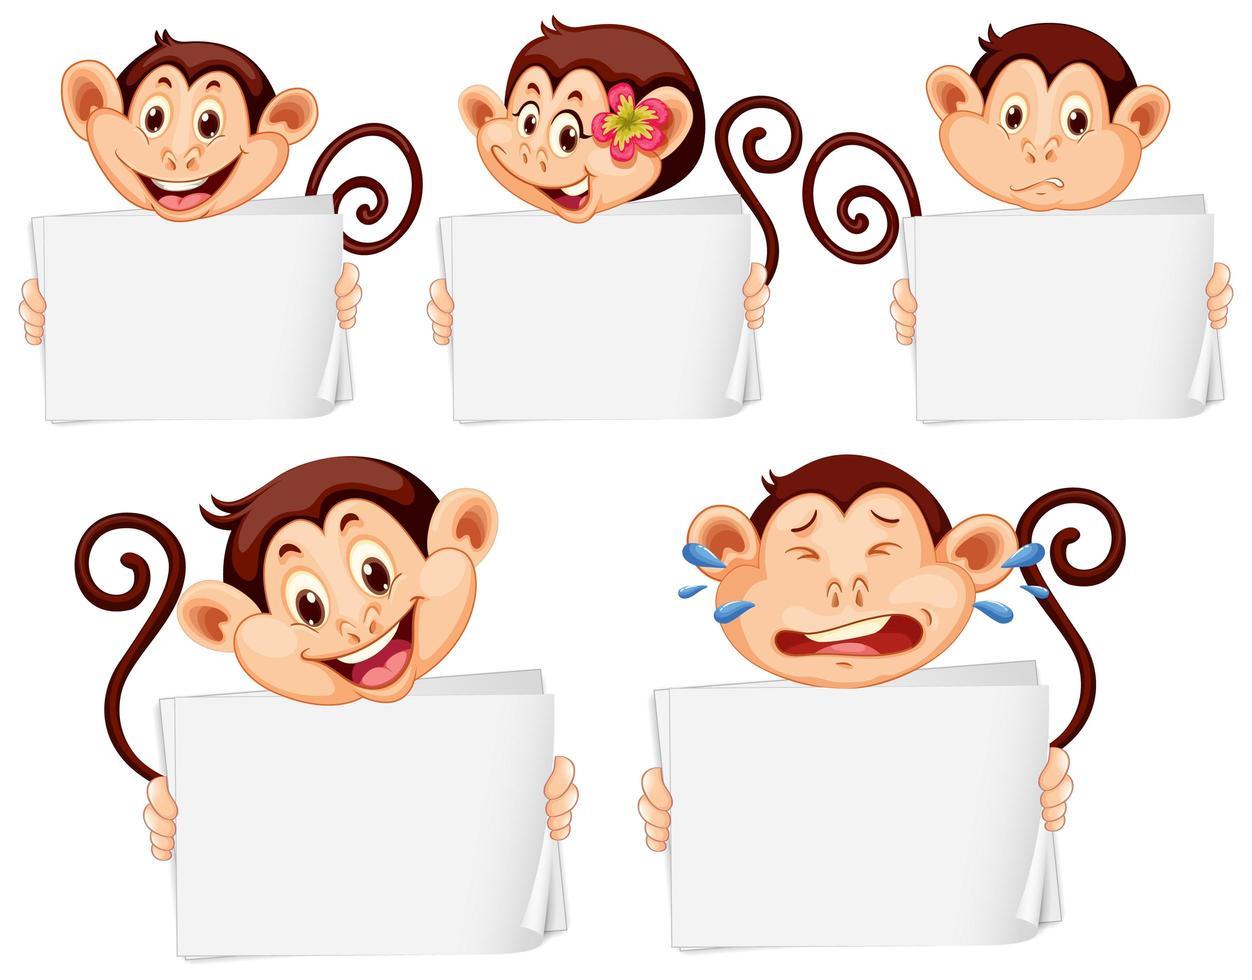 plantillas de muestra en blanco con monos felices vector